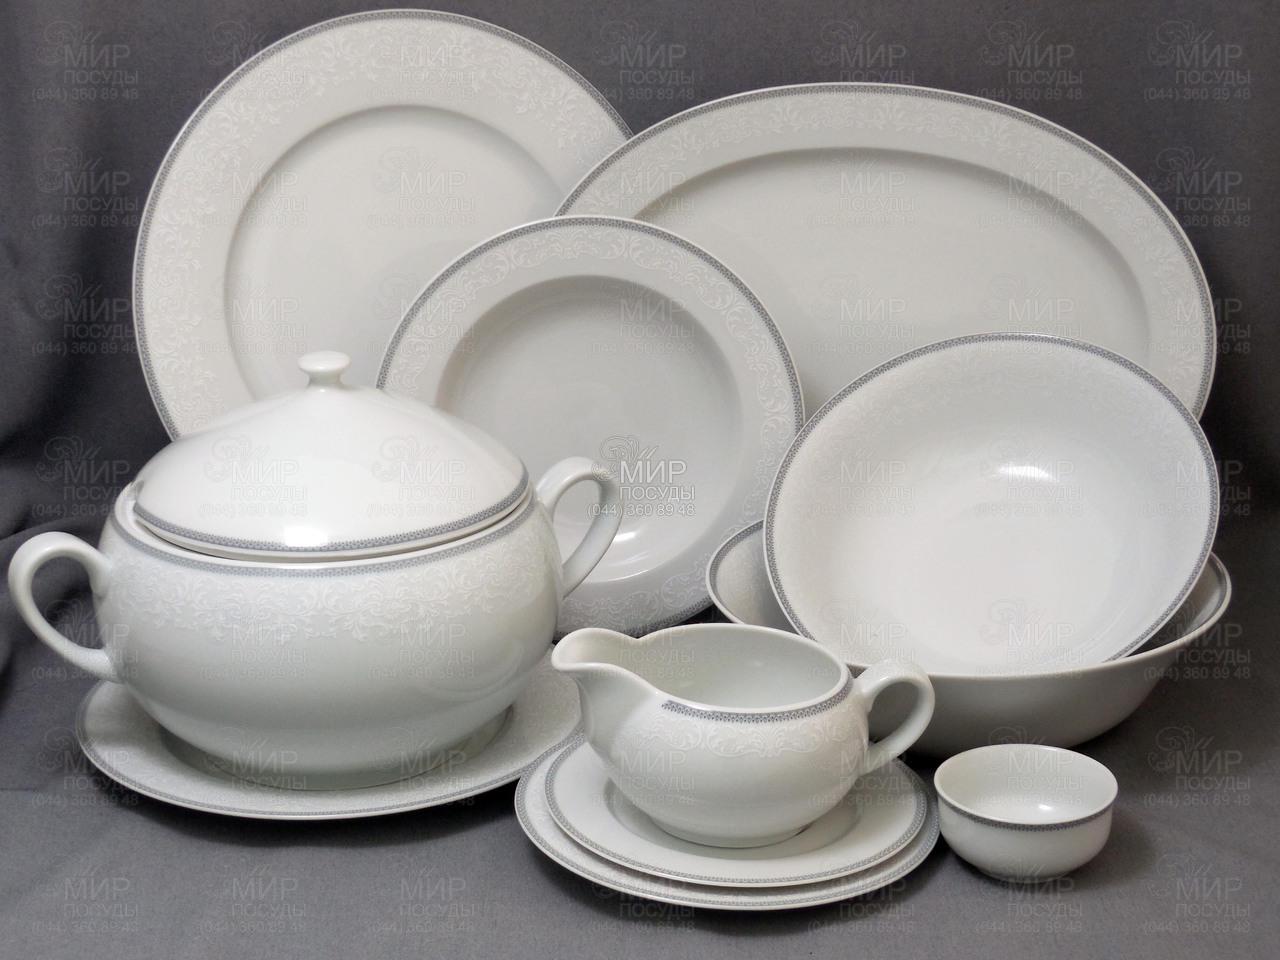 Купить столовый сервиз Opal 8034800 6 27 Thun   Чехия за 6568 грн в ... 8119bdbf1b63e